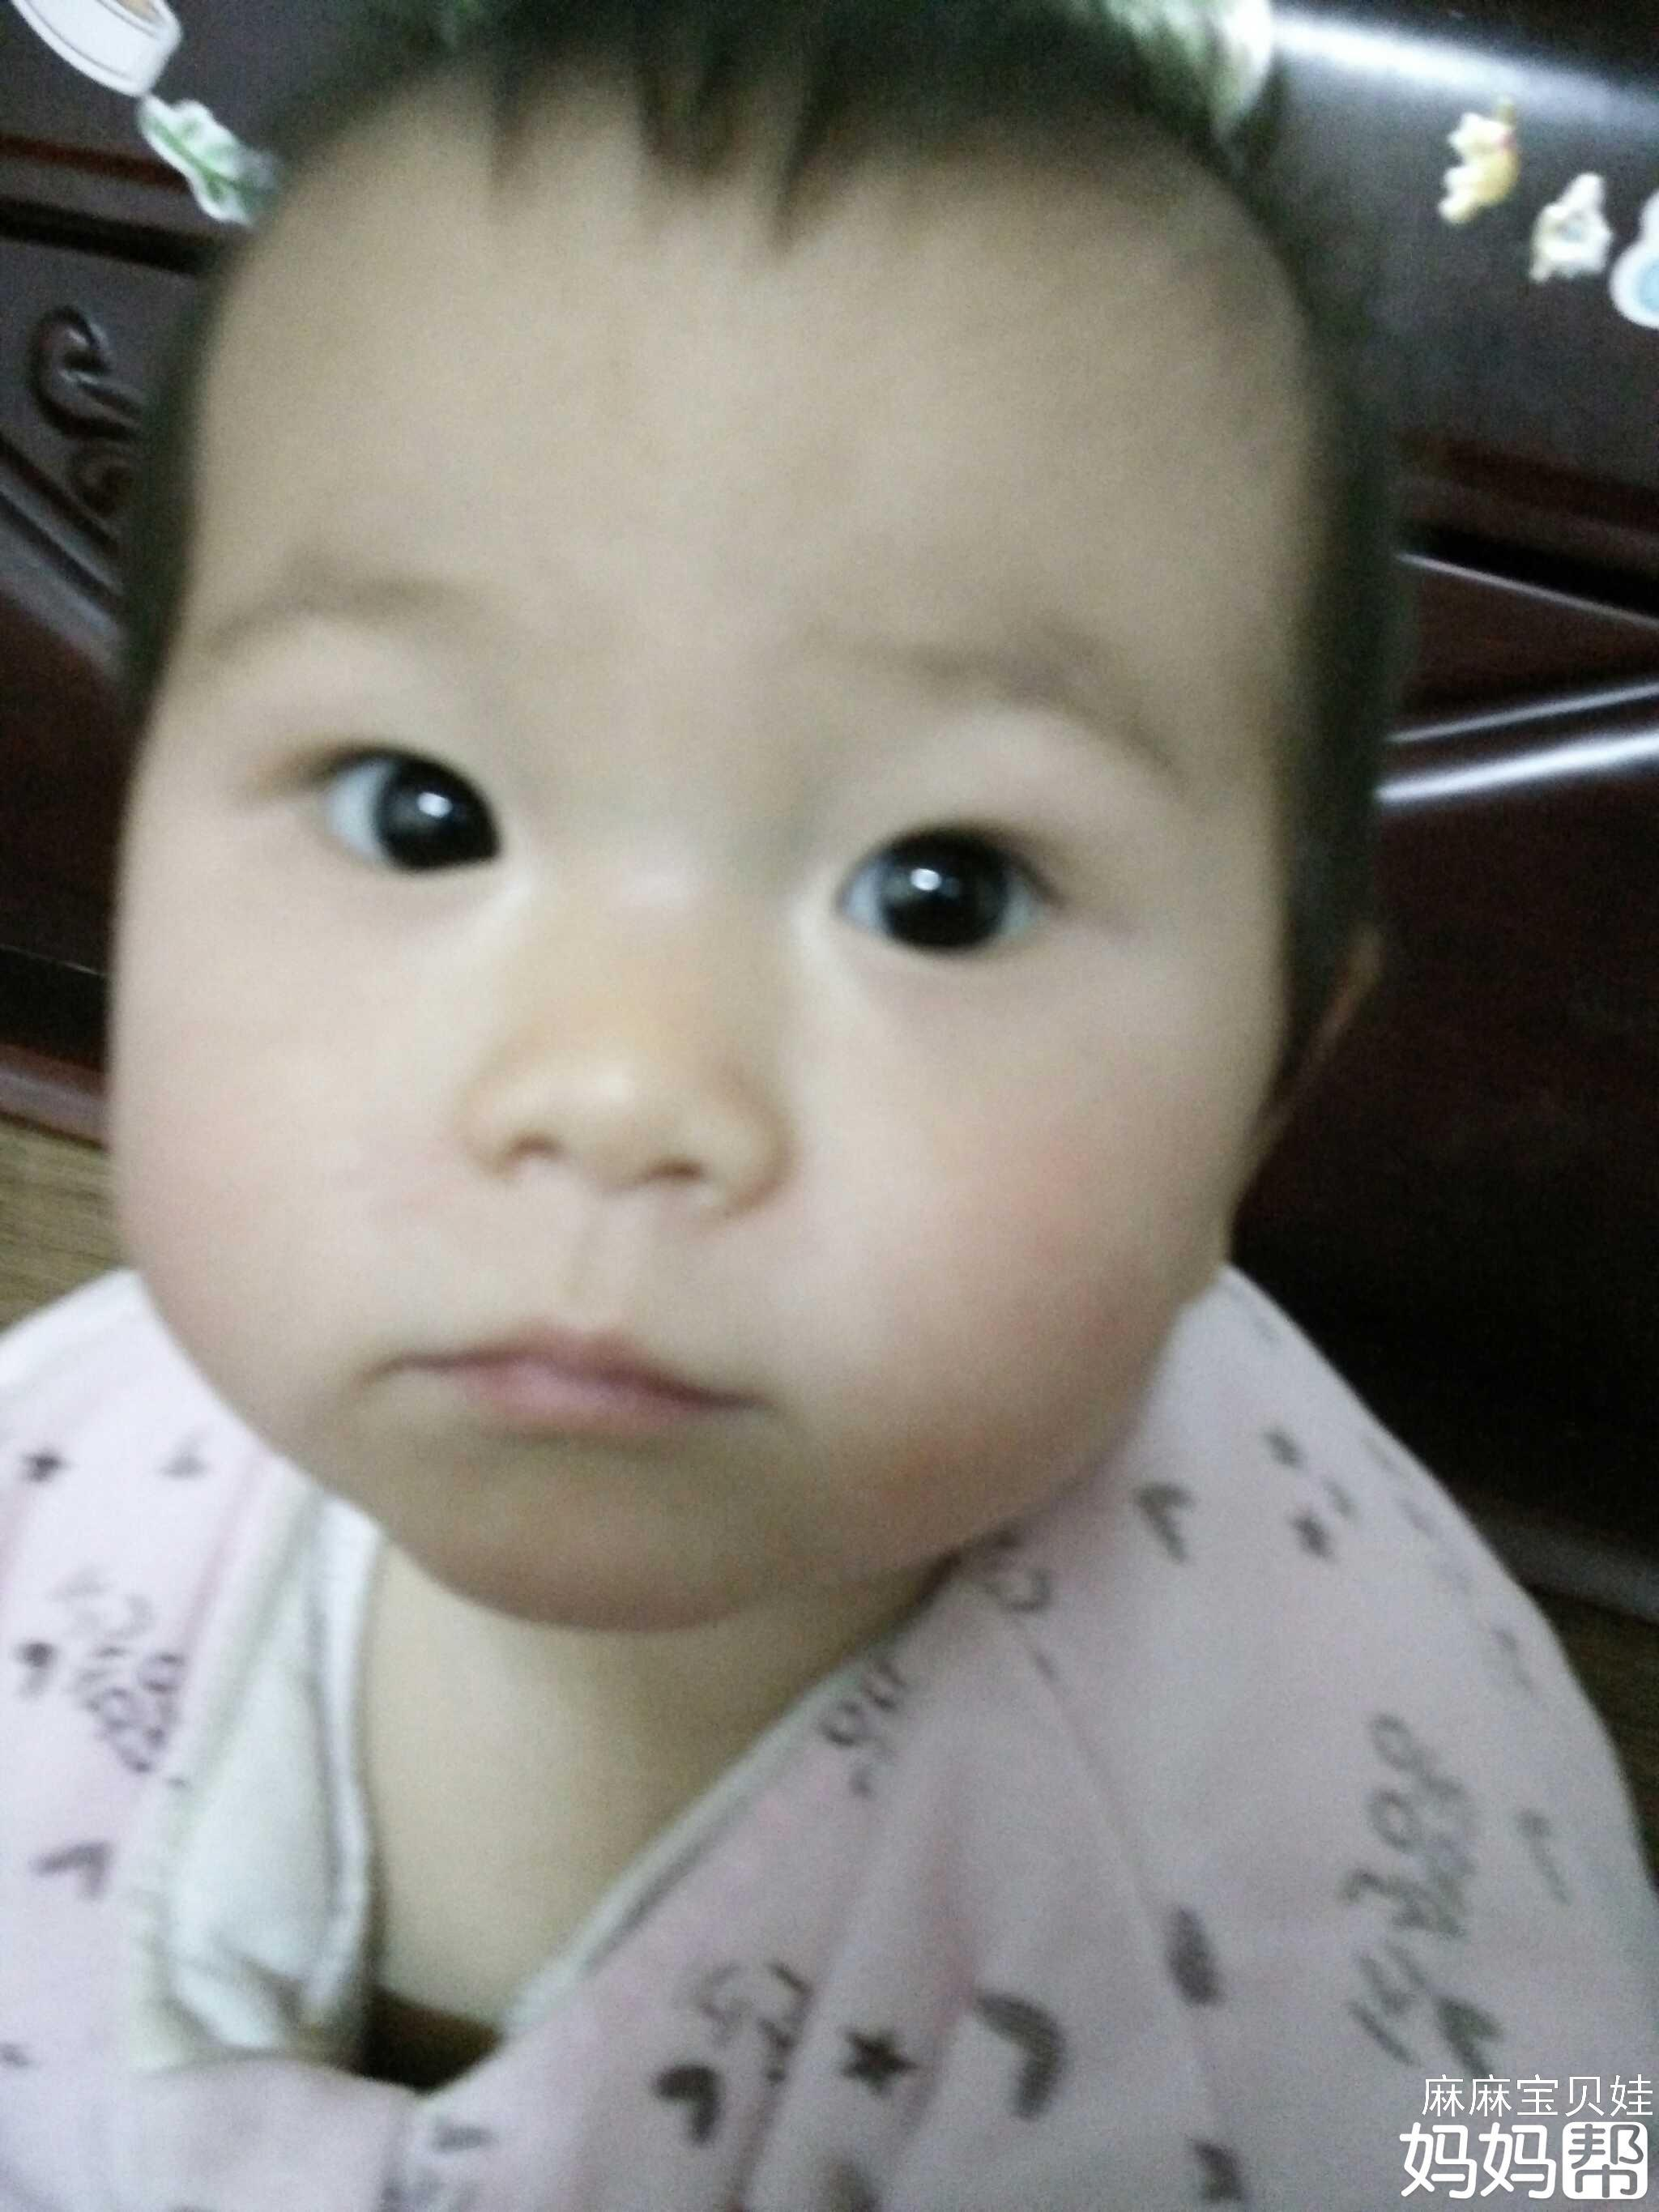 宝宝感冒流鼻涕,擦的鼻子两边有小红疙瘩是湿疹吗?